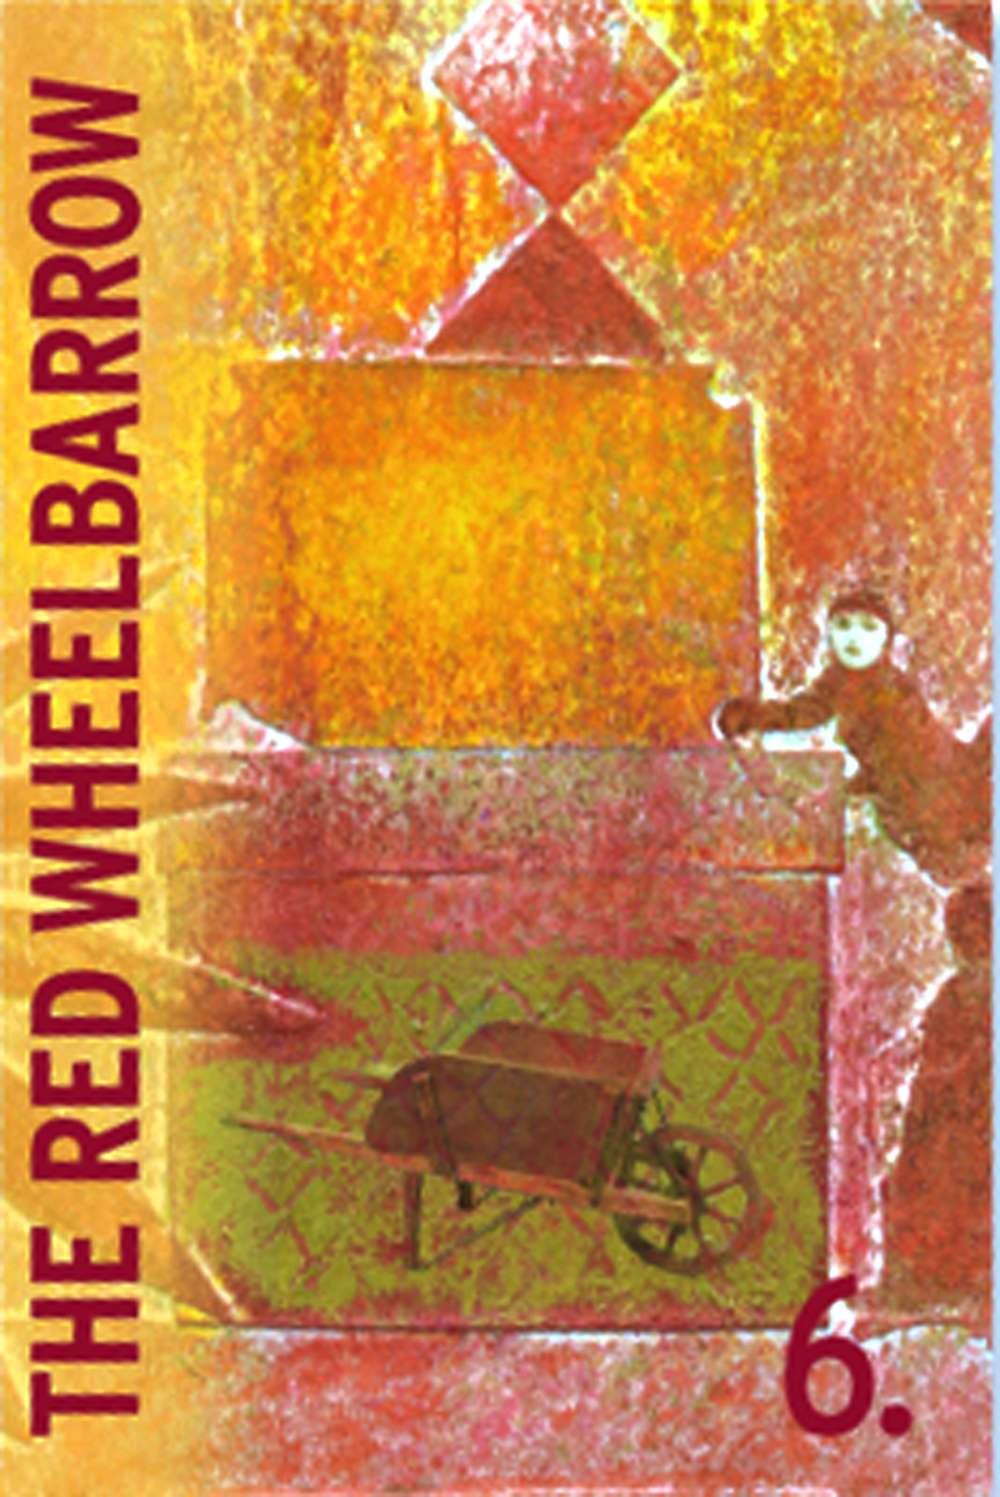 Poetry Reading: Saturday 11/16/13